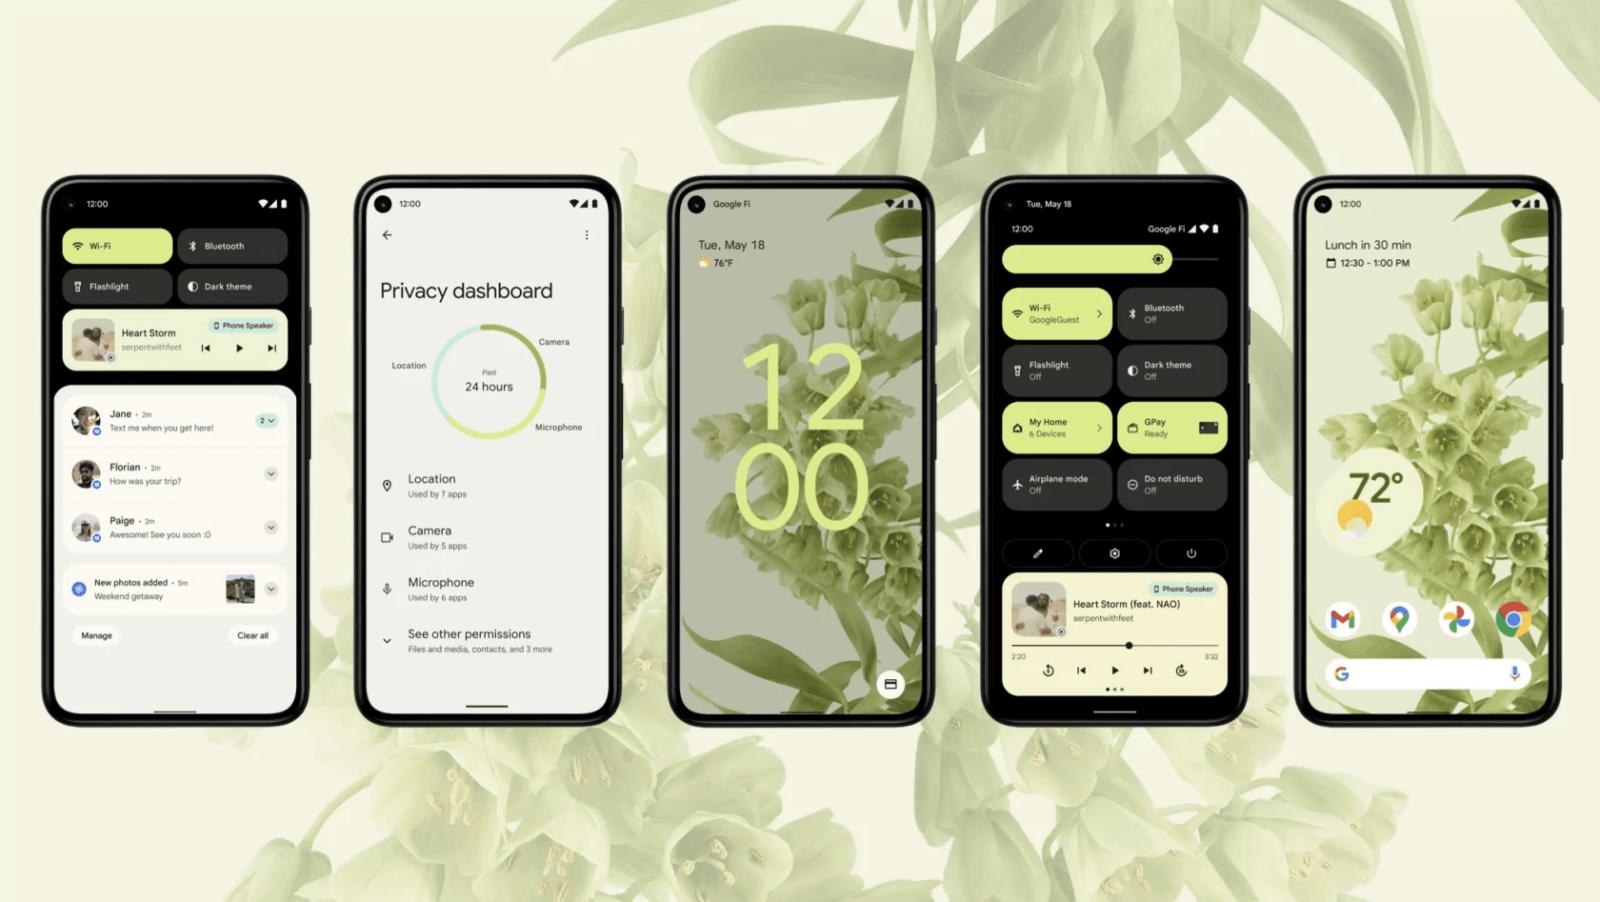 Обзор Android 12: отличный дизайн, улучшенная безопасность и кое-что общее с iOS (obzor android 12 beta 1 novyj dizajn i chastichnoe zaimstvovanie u ios 10)